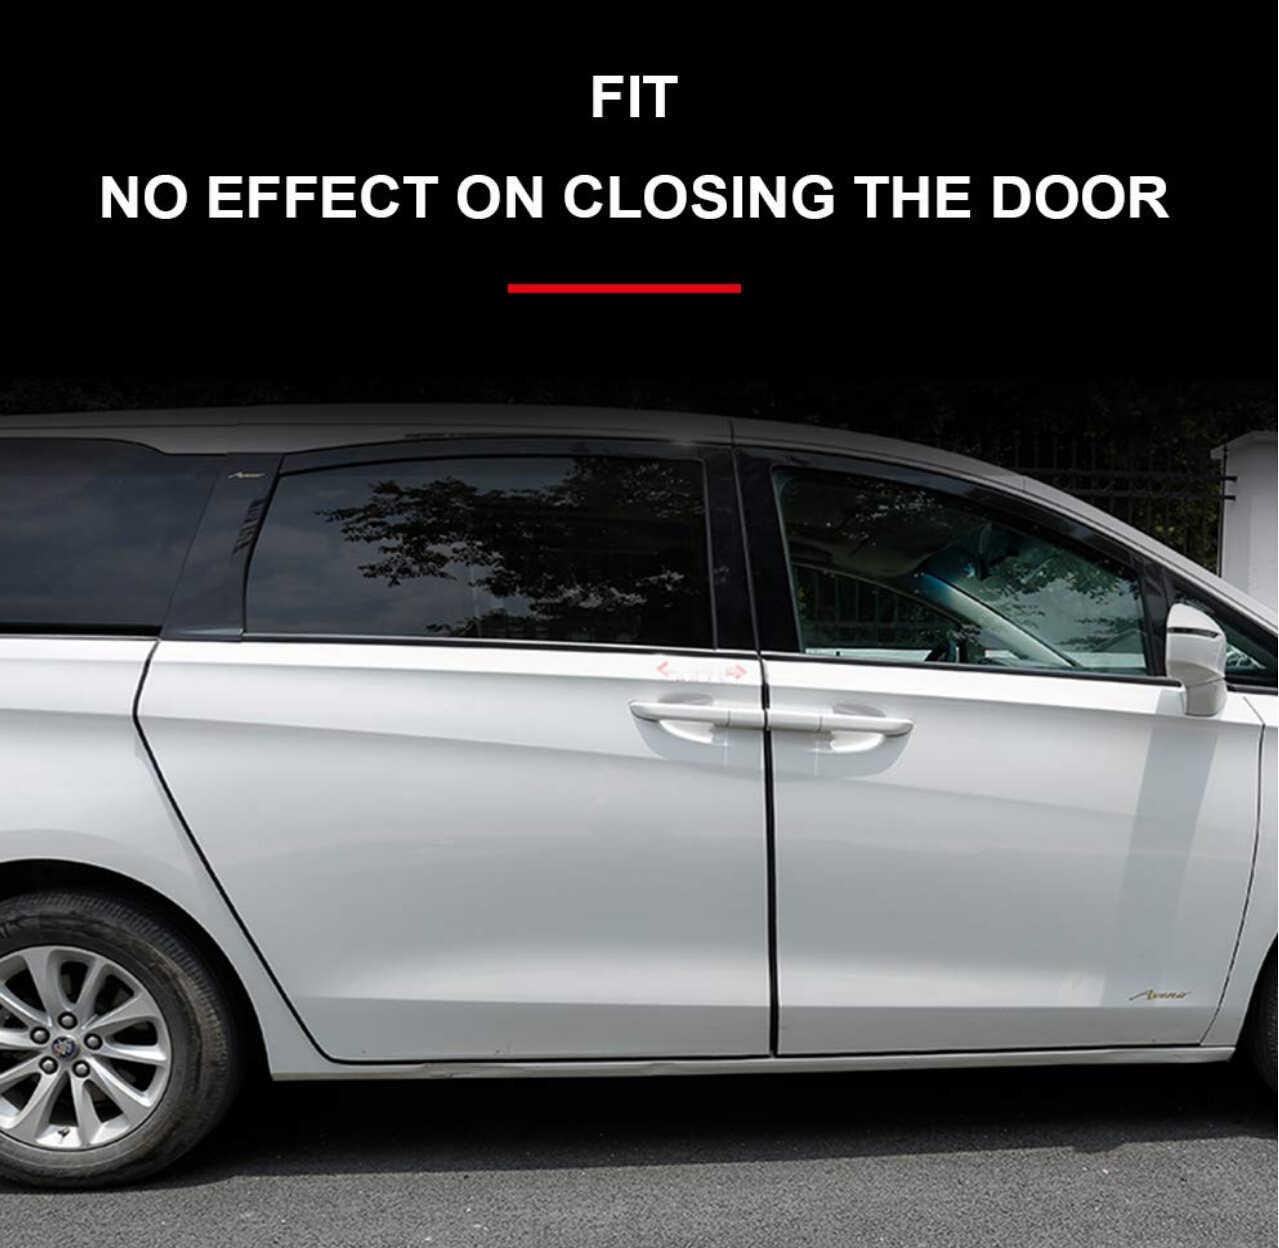 Защита от краев двери автомобиля 5 м для Renault Koleos fluenec Kangoo Latitude Sandero Kadjar Captur Talisman Megane RS Laguna